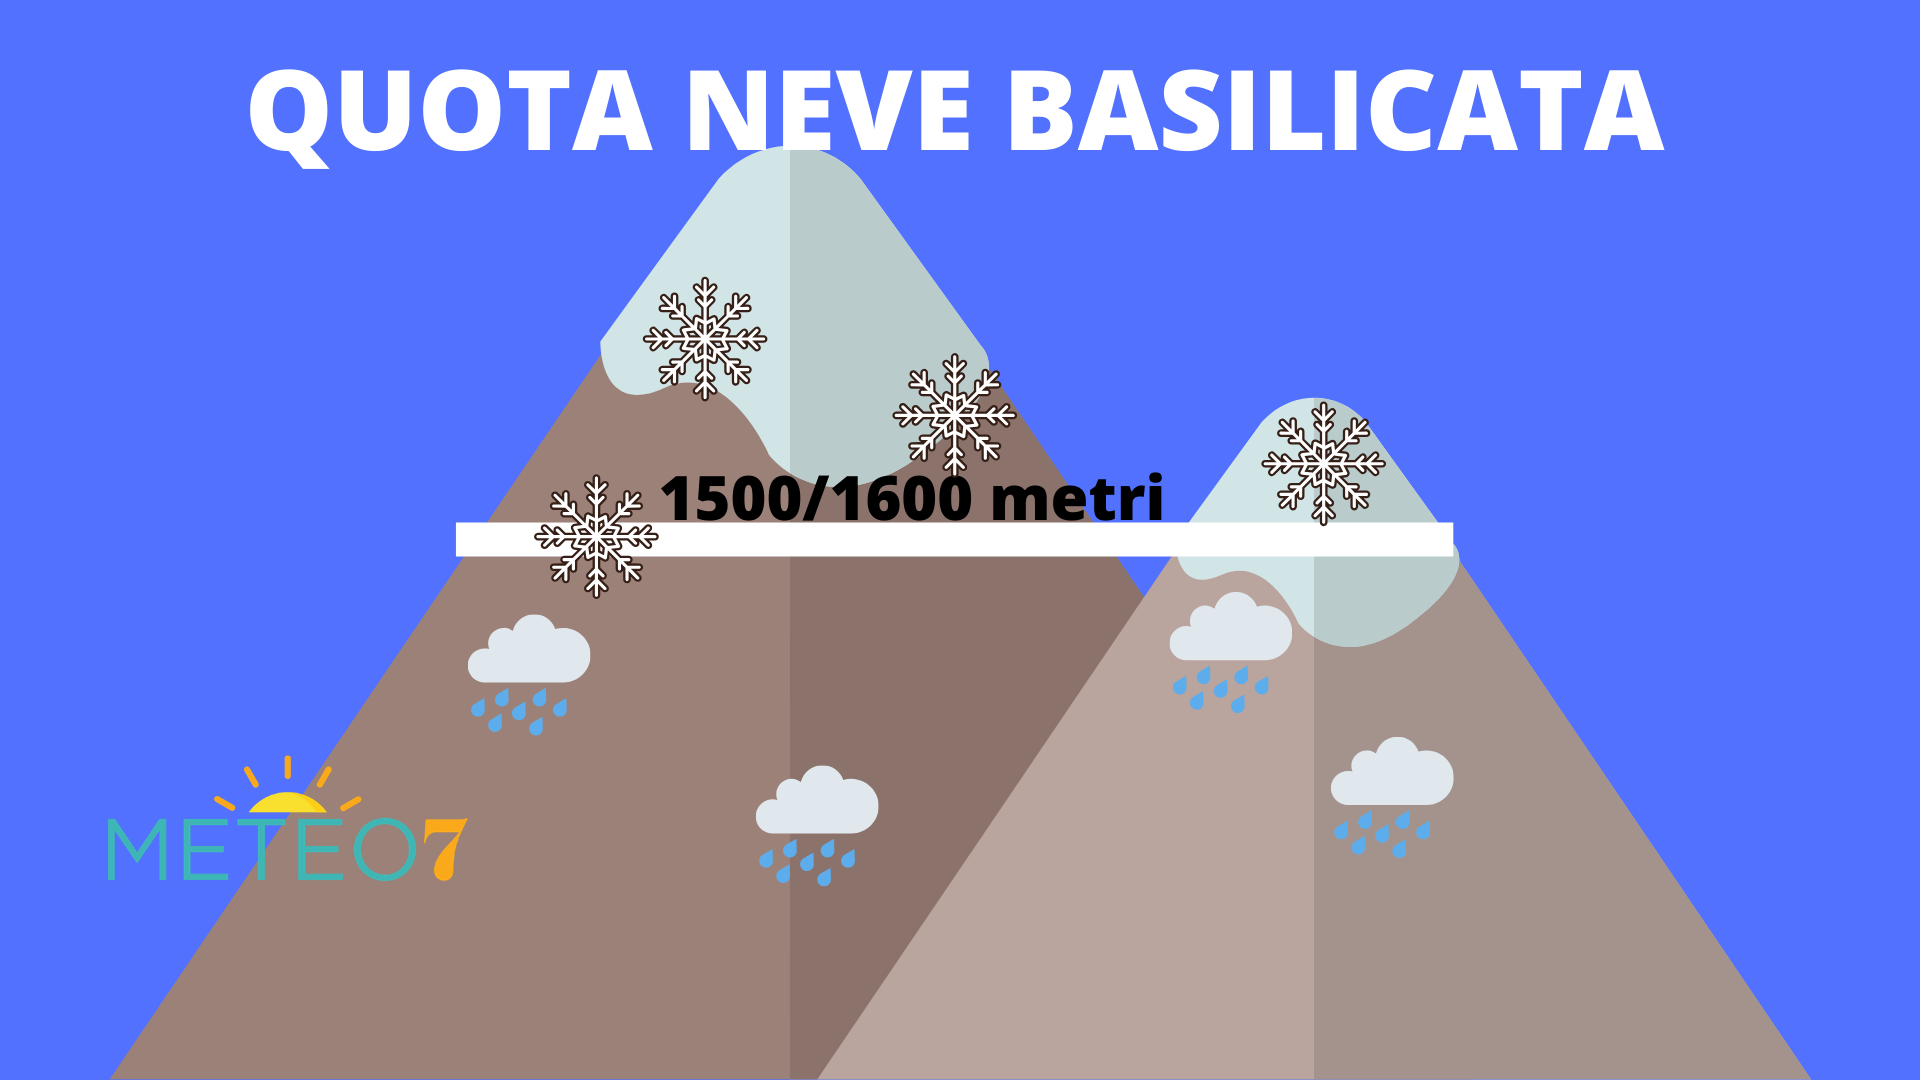 Quota neve in Basilicata tra la notte di Sabato e Domenica 10 novembre 2019.